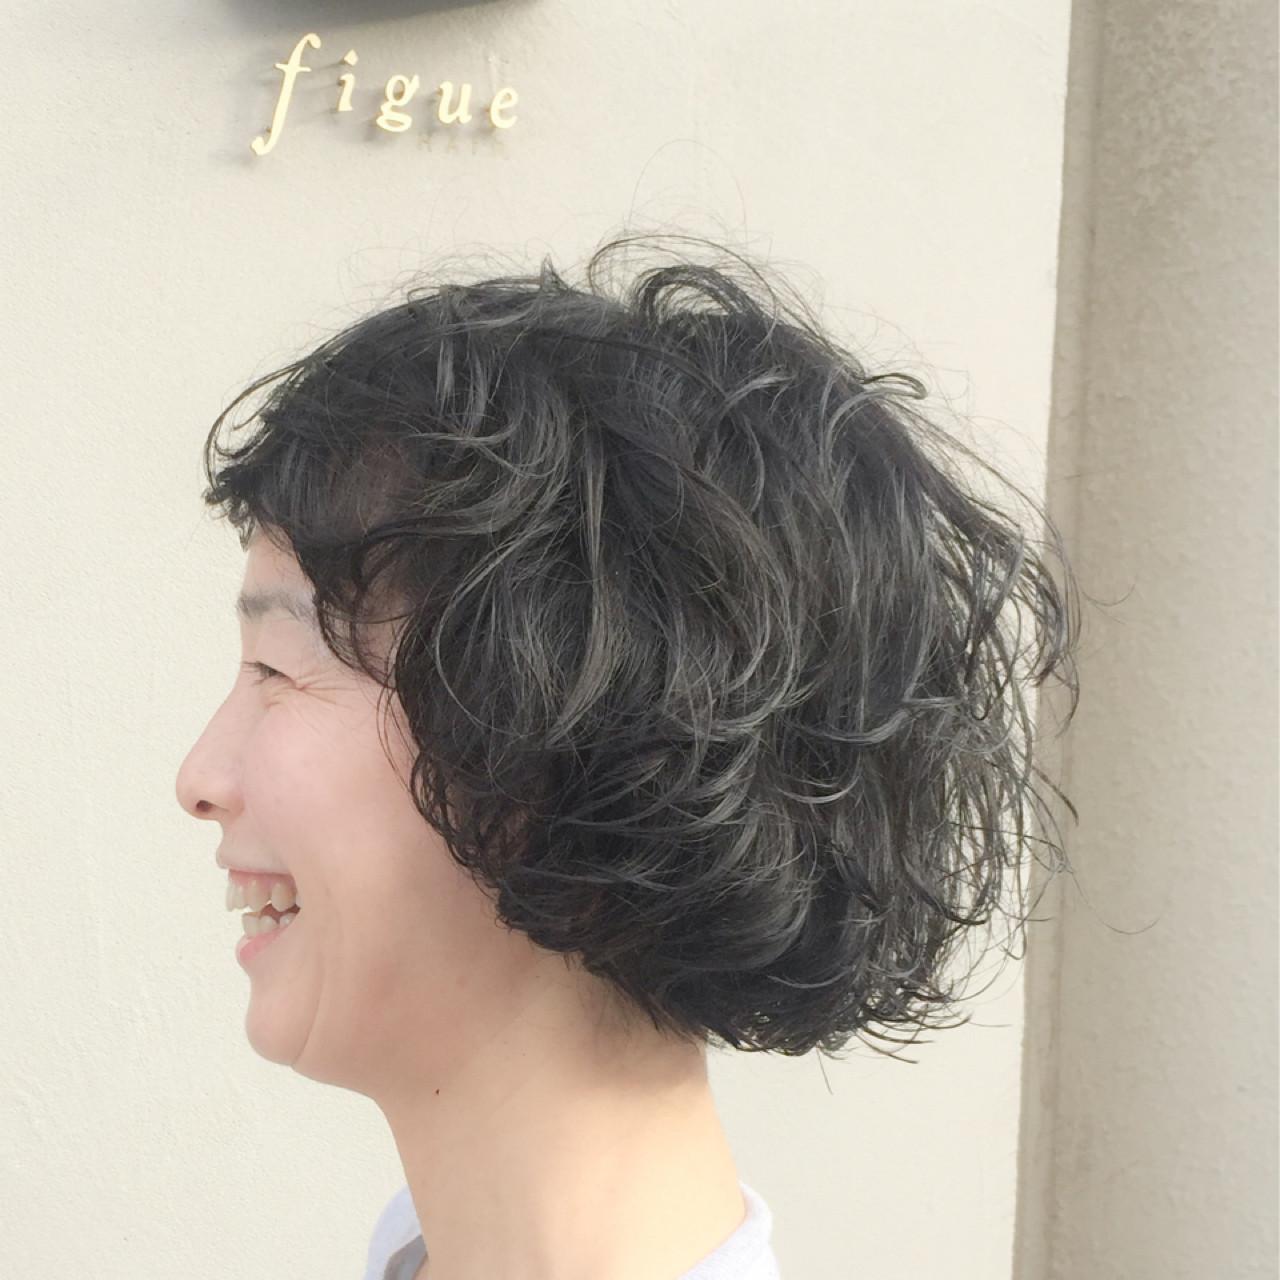 小顔 ショート レイヤーカット 外国人風 ヘアスタイルや髪型の写真・画像 | 岩城 浩子 / figue hair